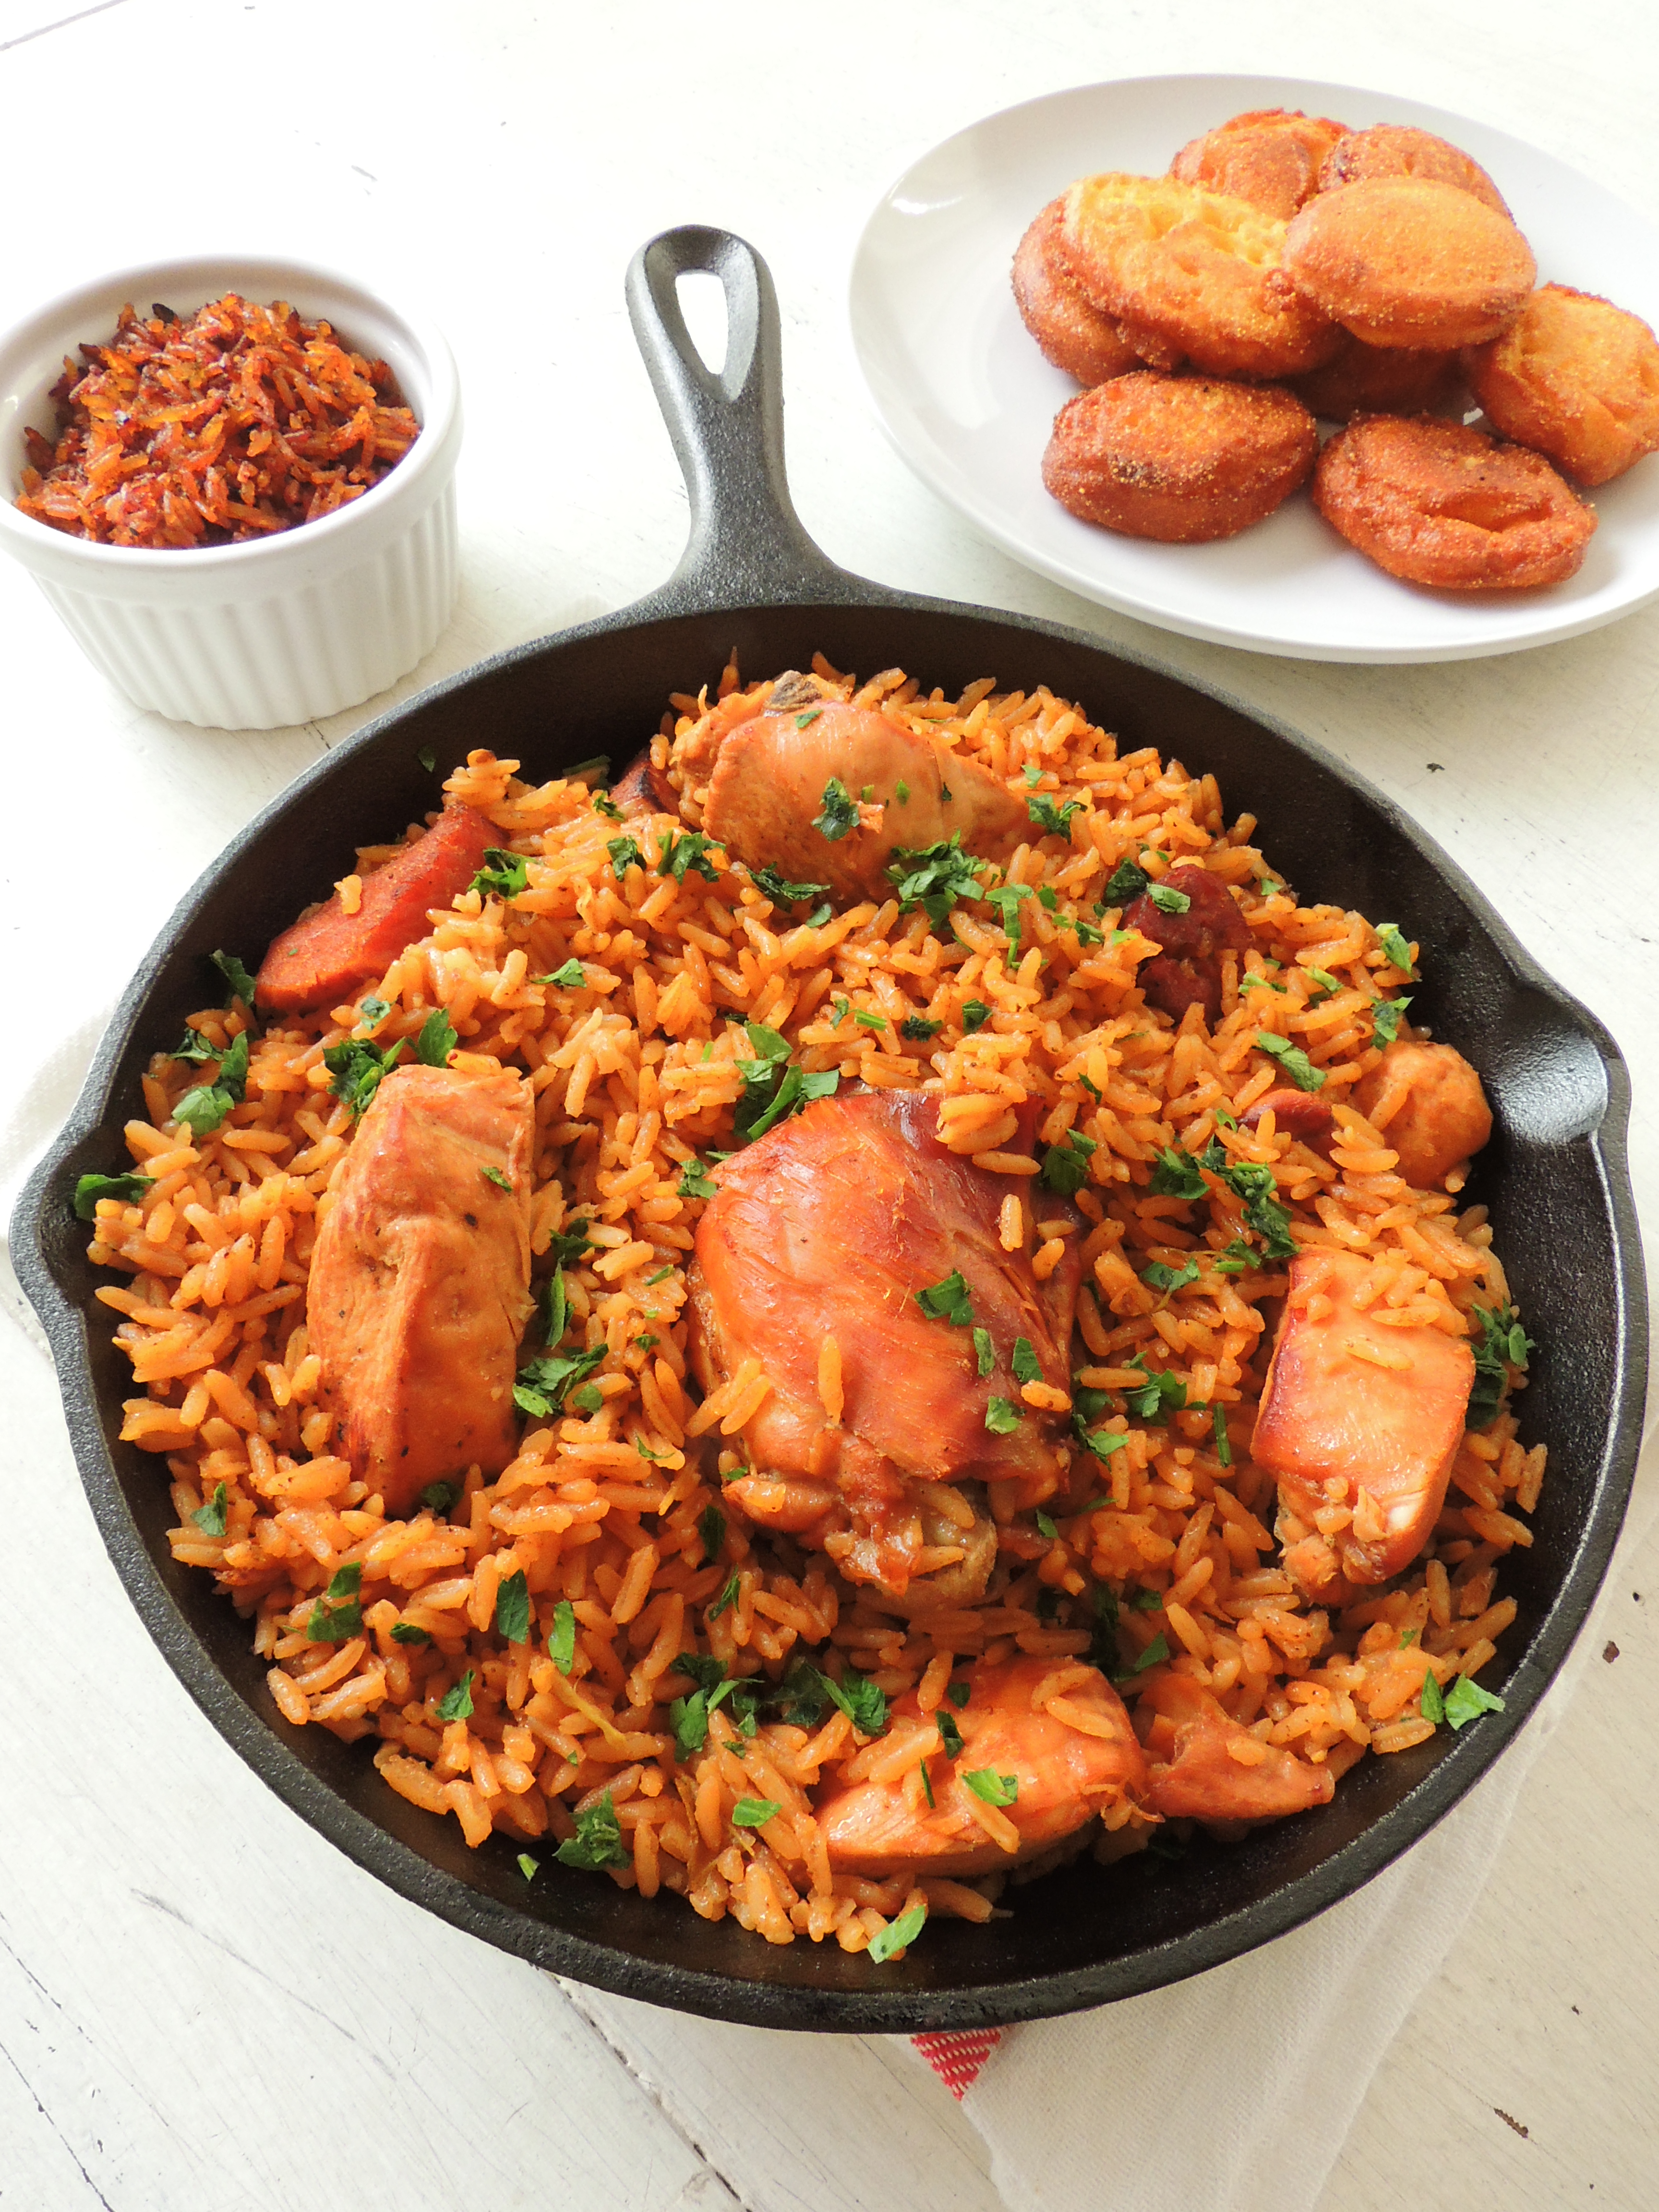 El chino del pica pollo folla chica dominicana - 2 part 4